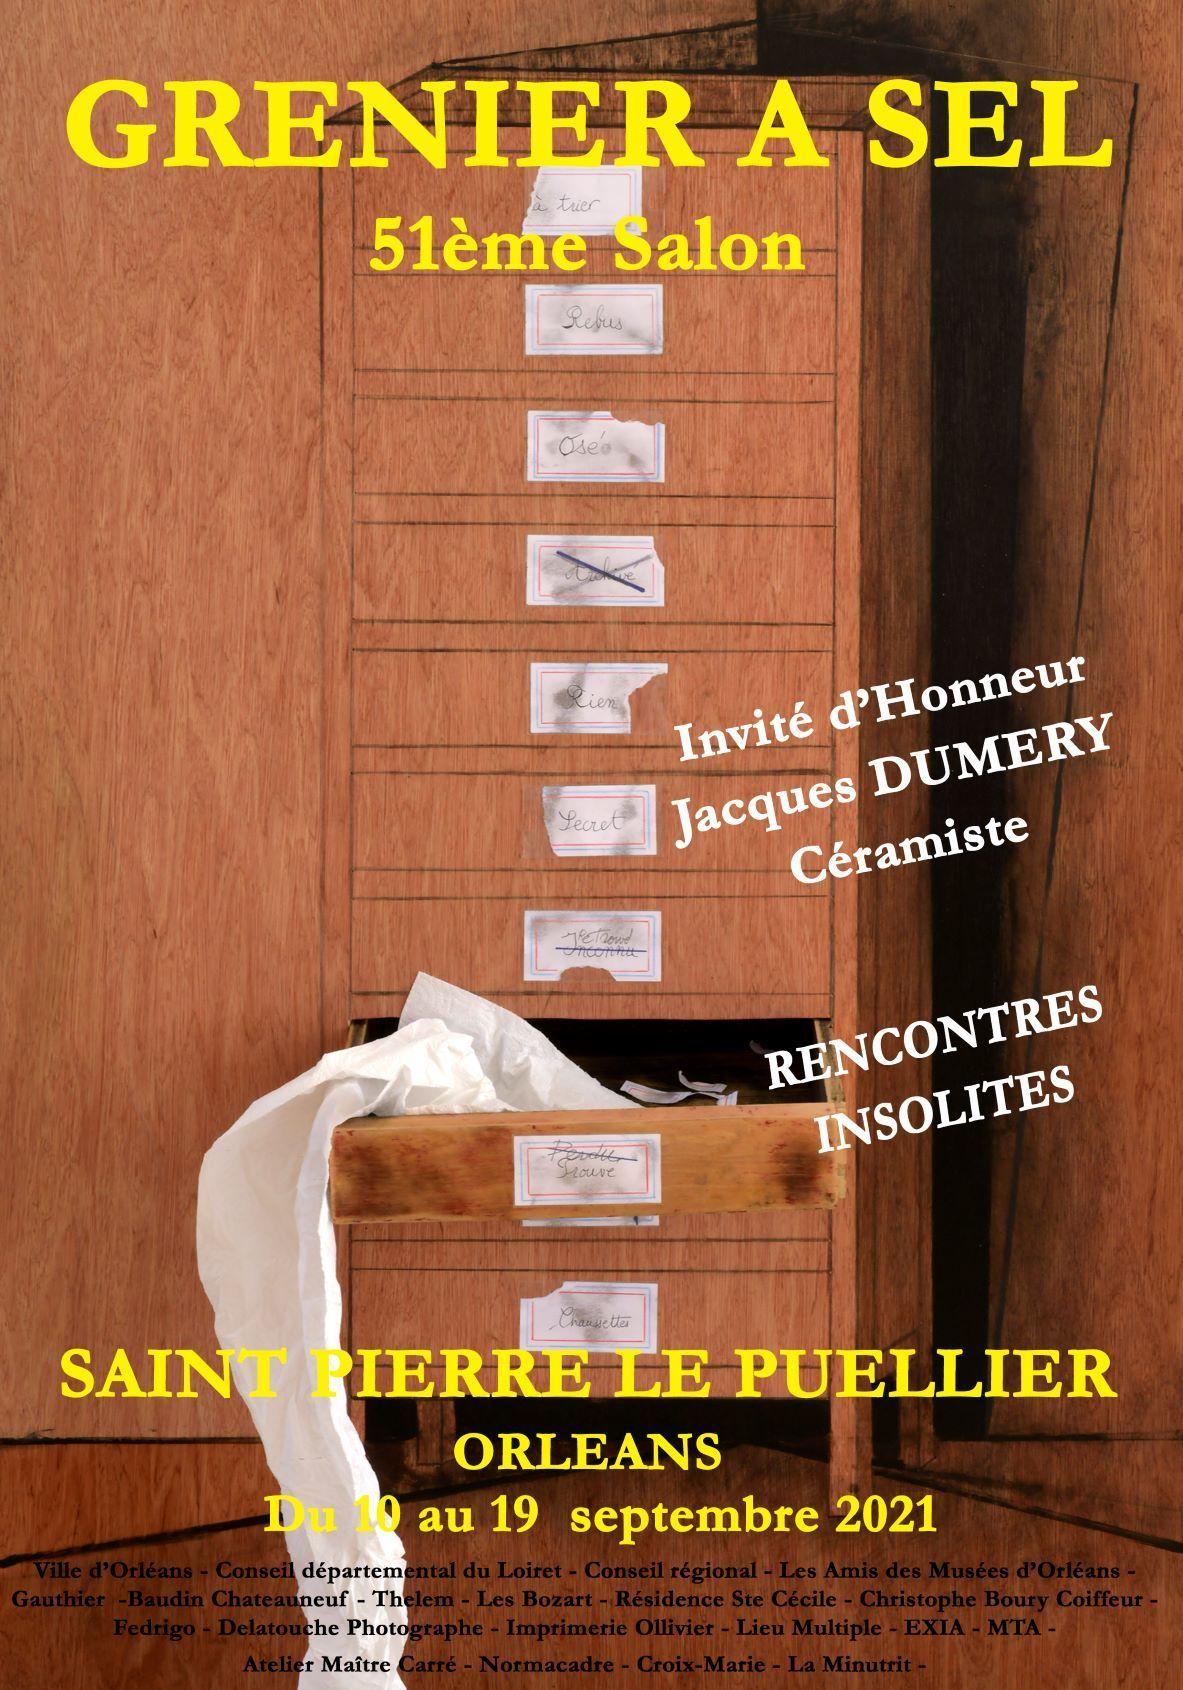 """51° salon du Grenier à sel """"Rencontres insolites"""""""